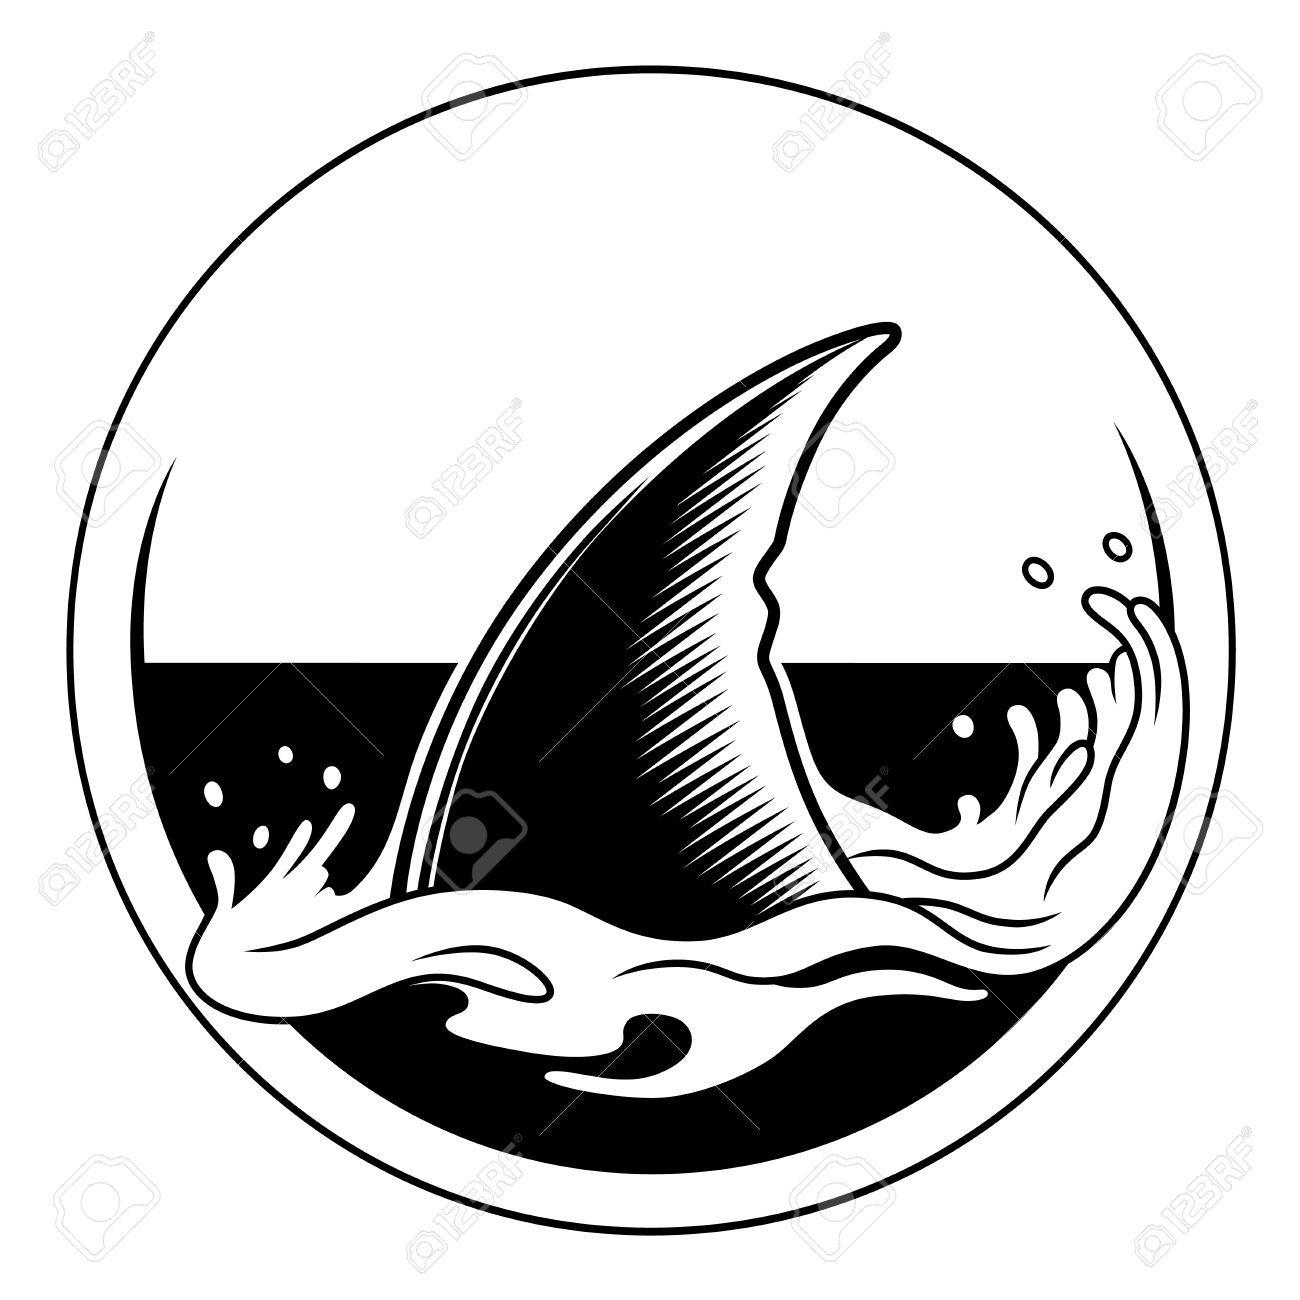 Stock Vector in 2020 Shark drawing, Shark, Illustration